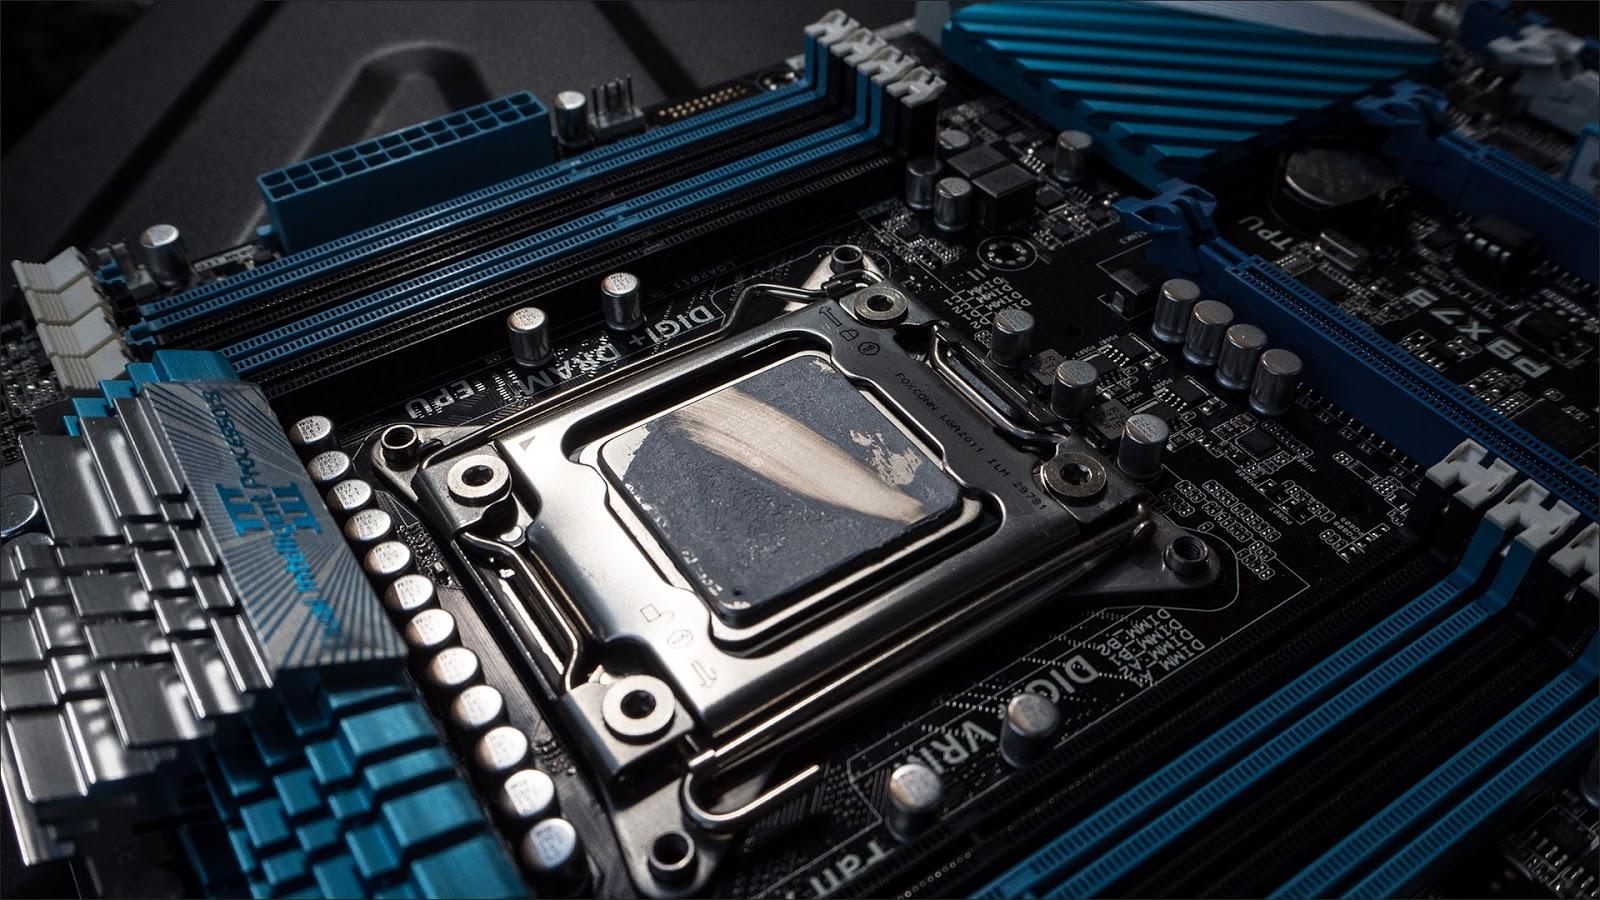 Новые пушки для старого дредноута: сверхбыстрая DDR3 в 2017 году - 9